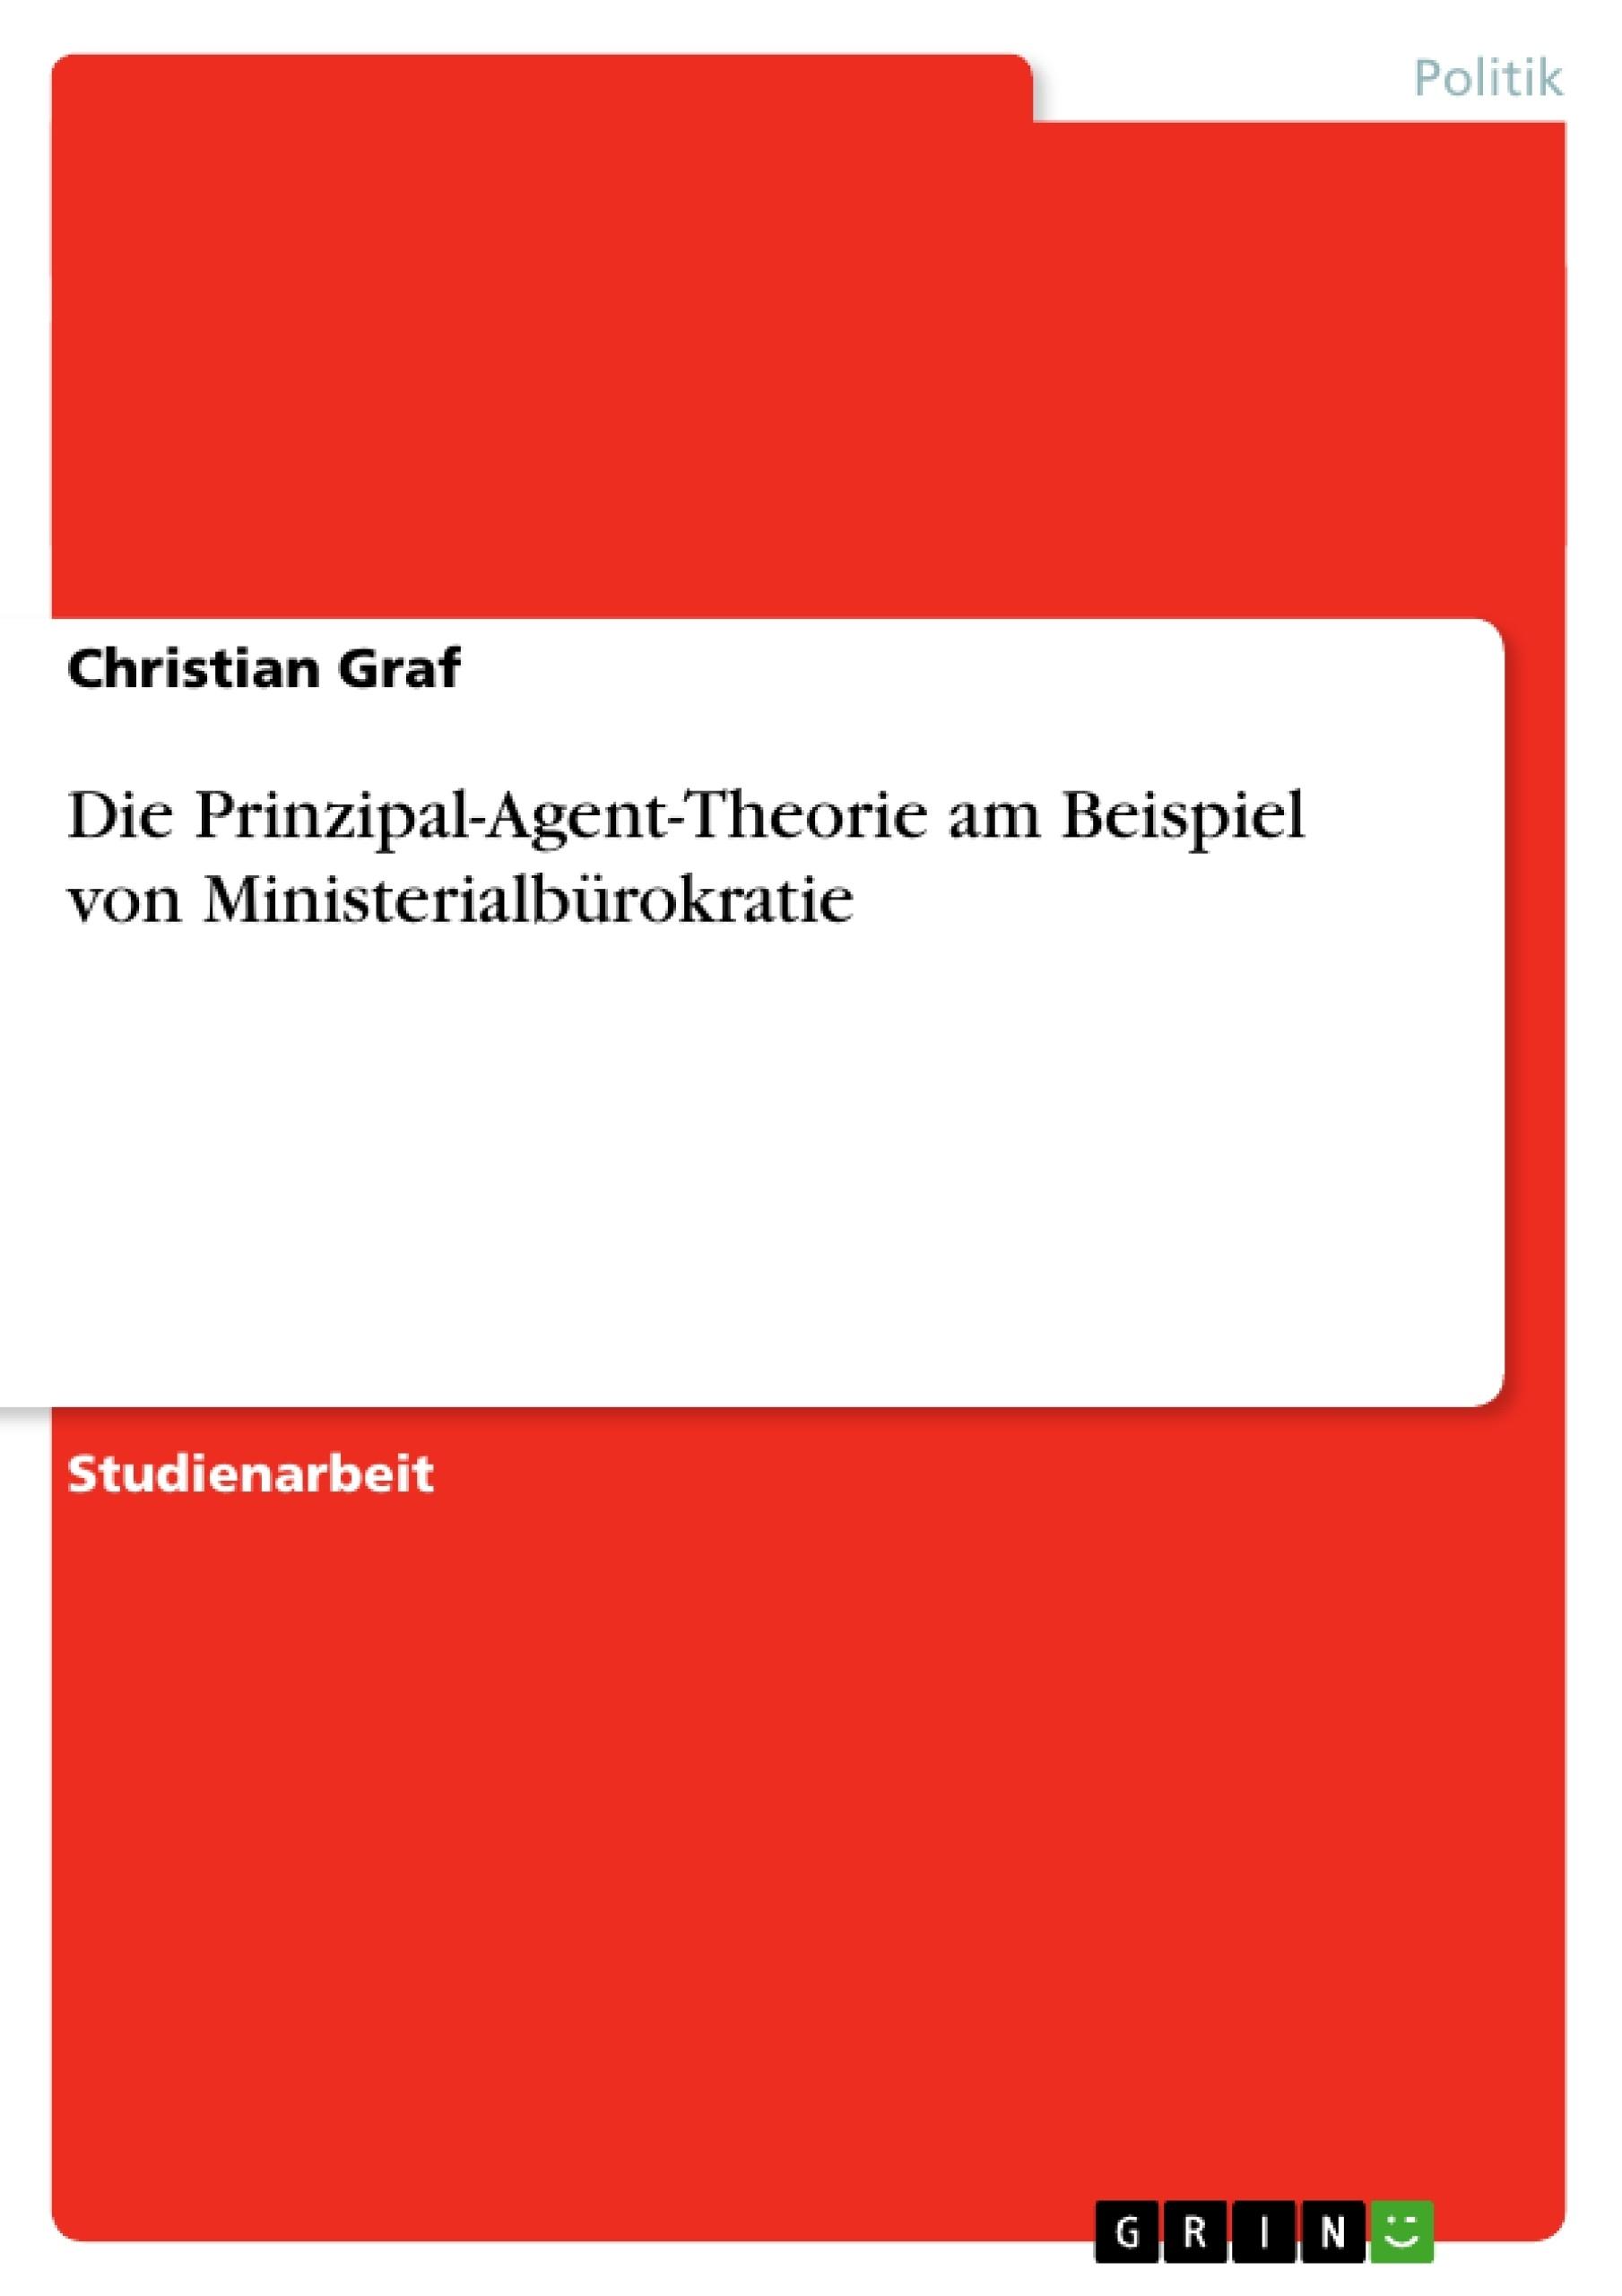 Titel: Die Prinzipal-Agent-Theorie am Beispiel von Ministerialbürokratie